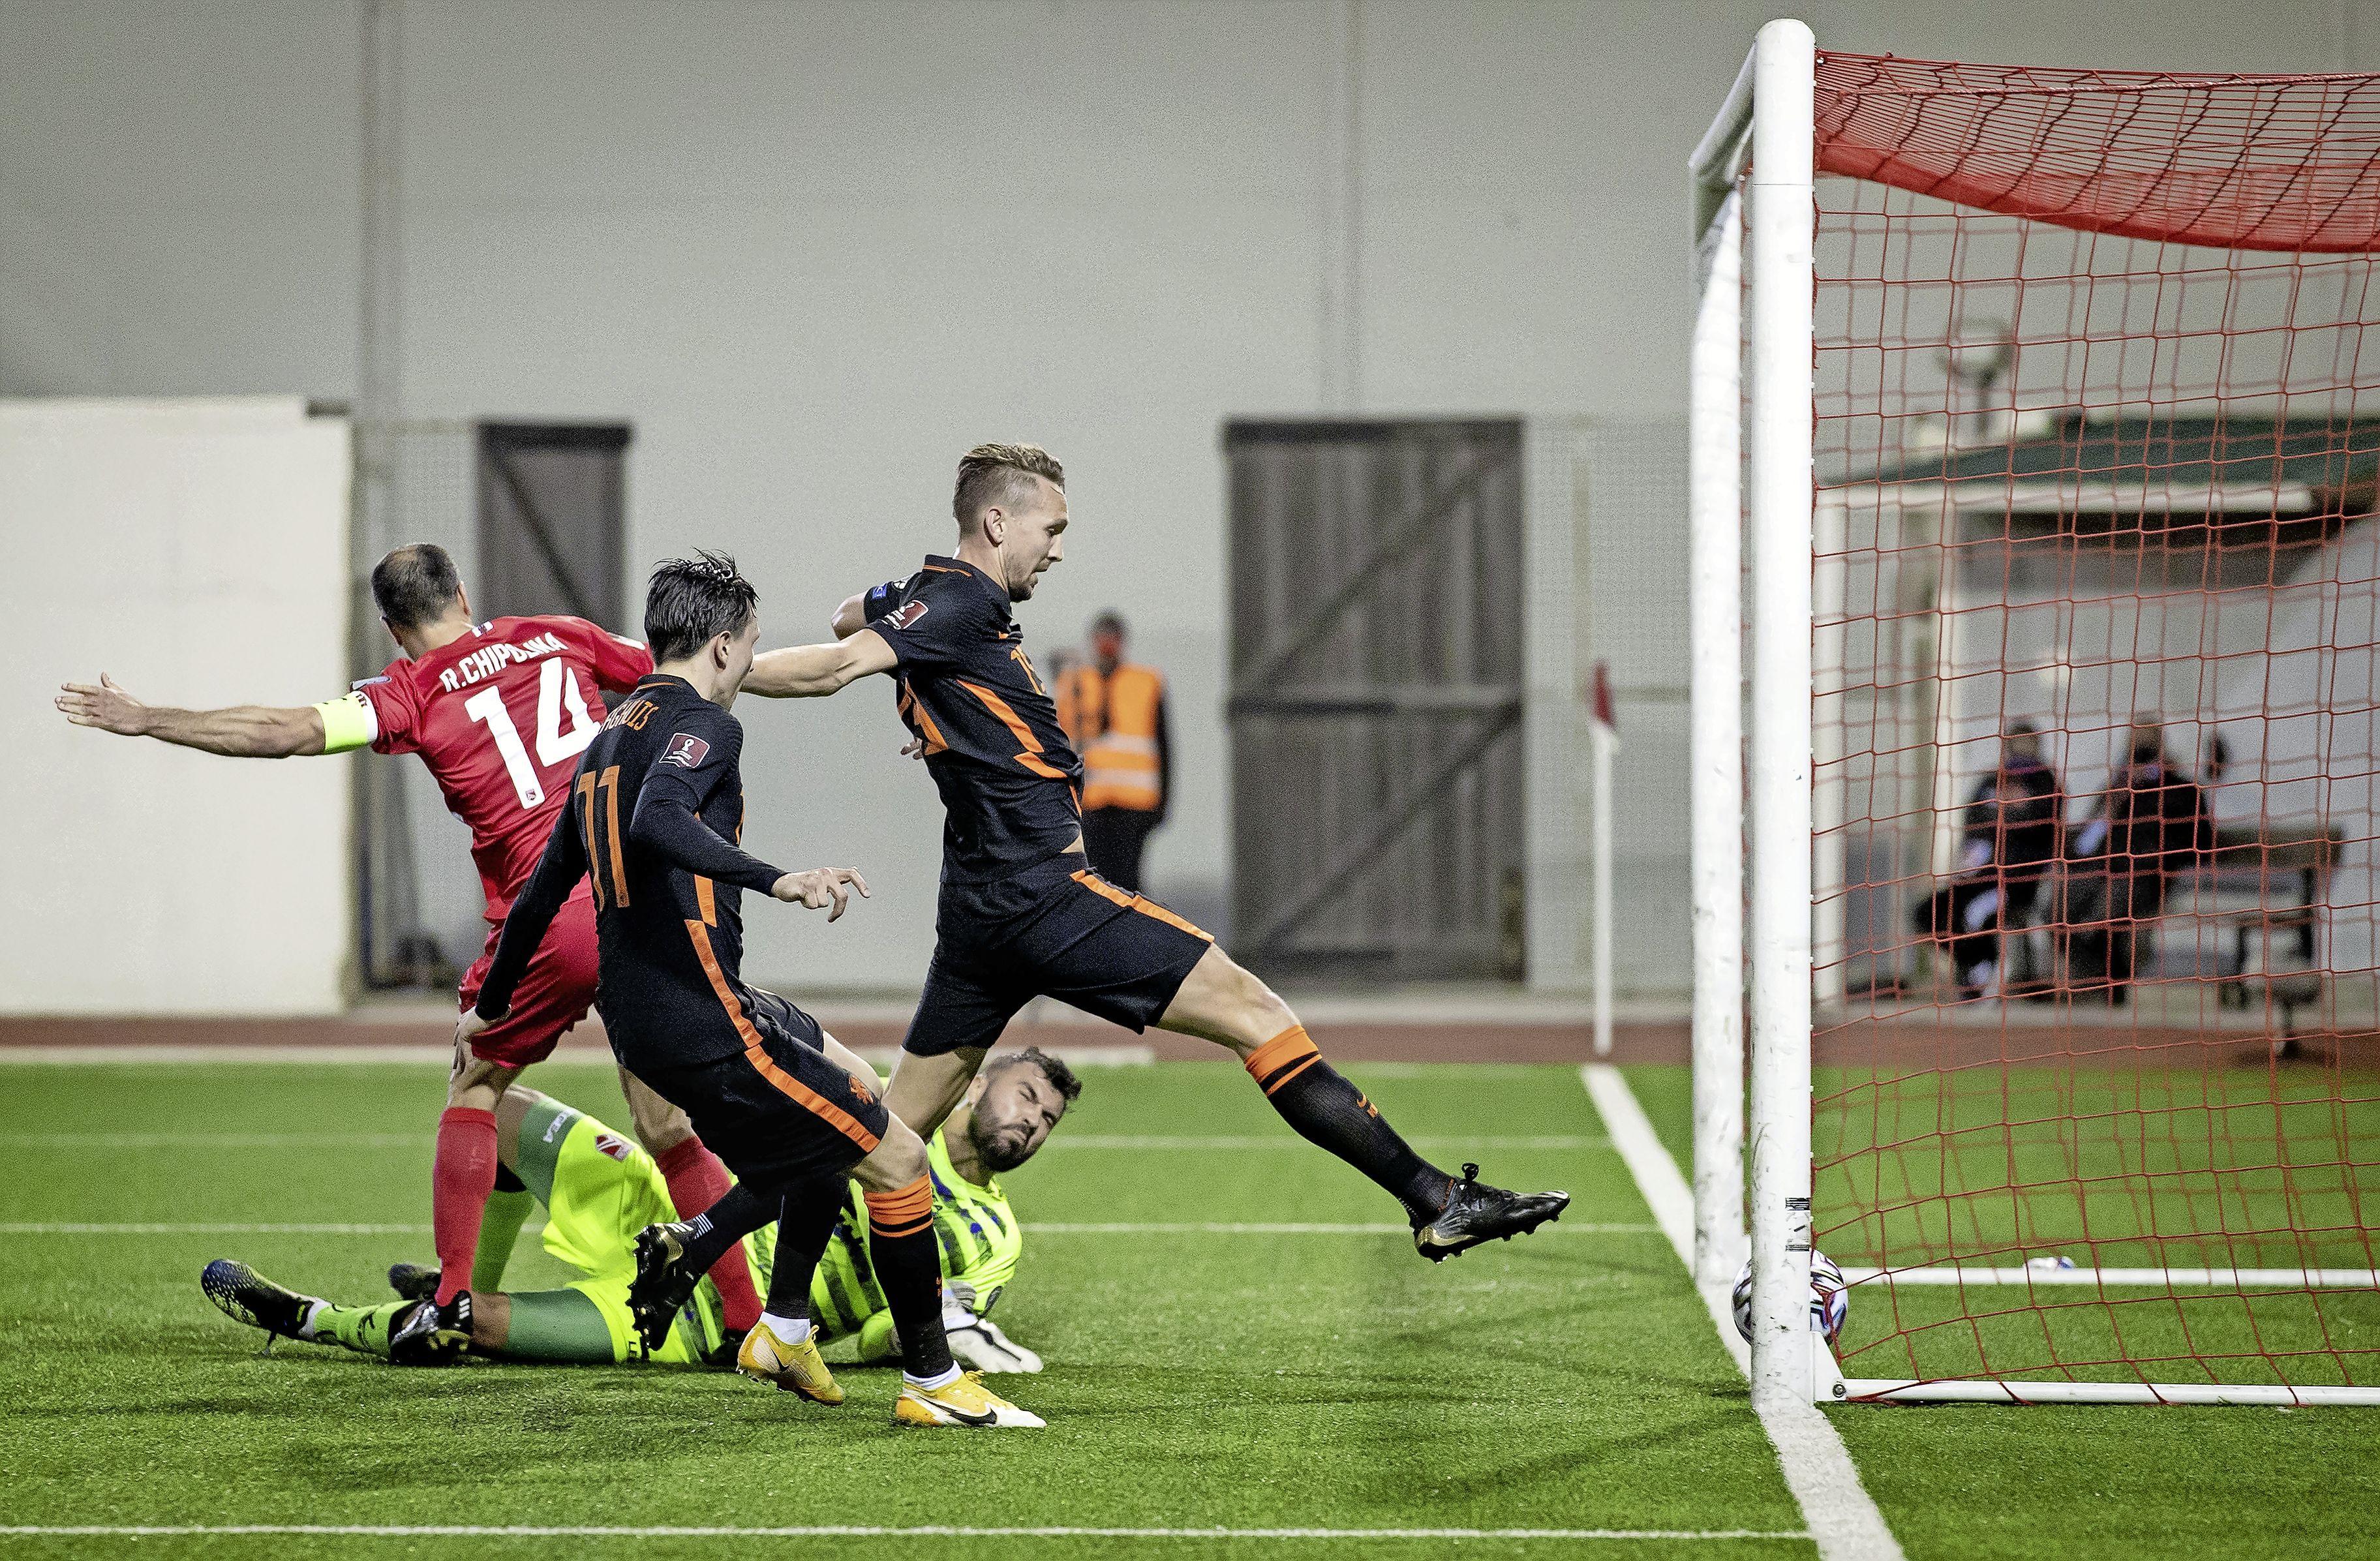 Oranje komt na een uur los tegen voetbaldreumes Gibraltar (0-7), maar ziet ook Daley Blind met ogenschijnlijk zware blessure uitvallen [video]